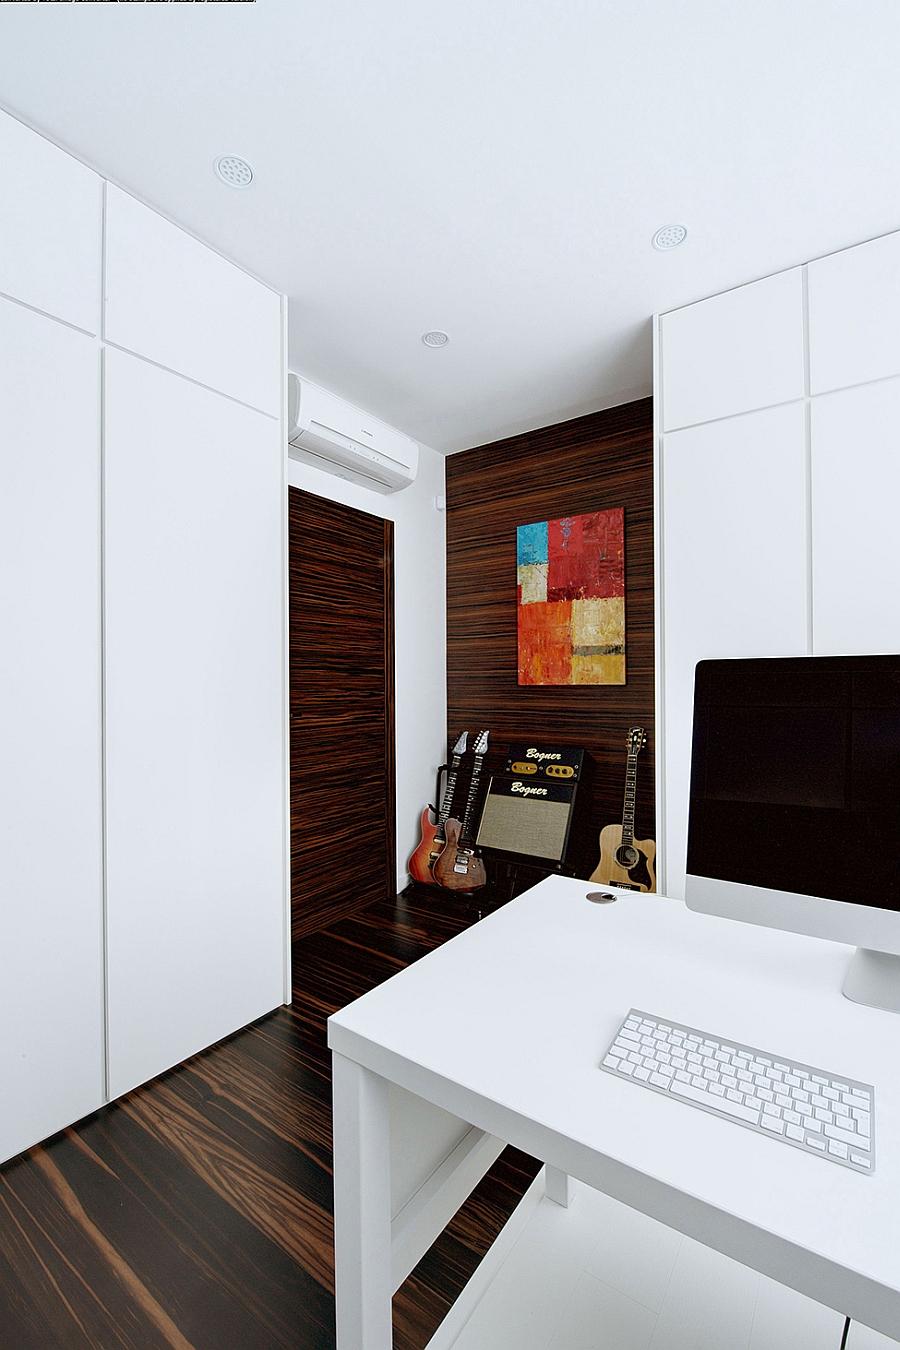 Sleek workstation in white